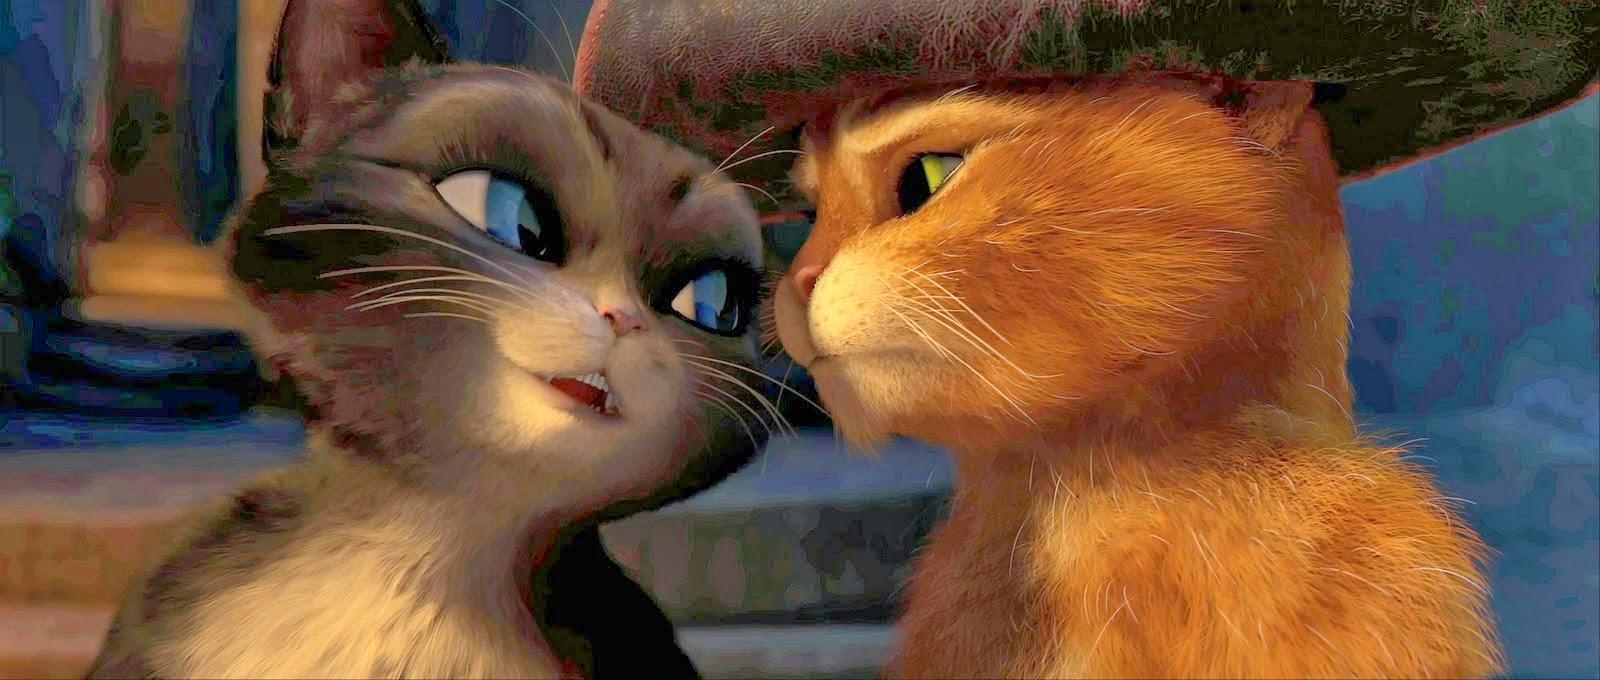 Puss in Boots 2011 Antonio Banderas animatedfilmreviews.filminspector.com